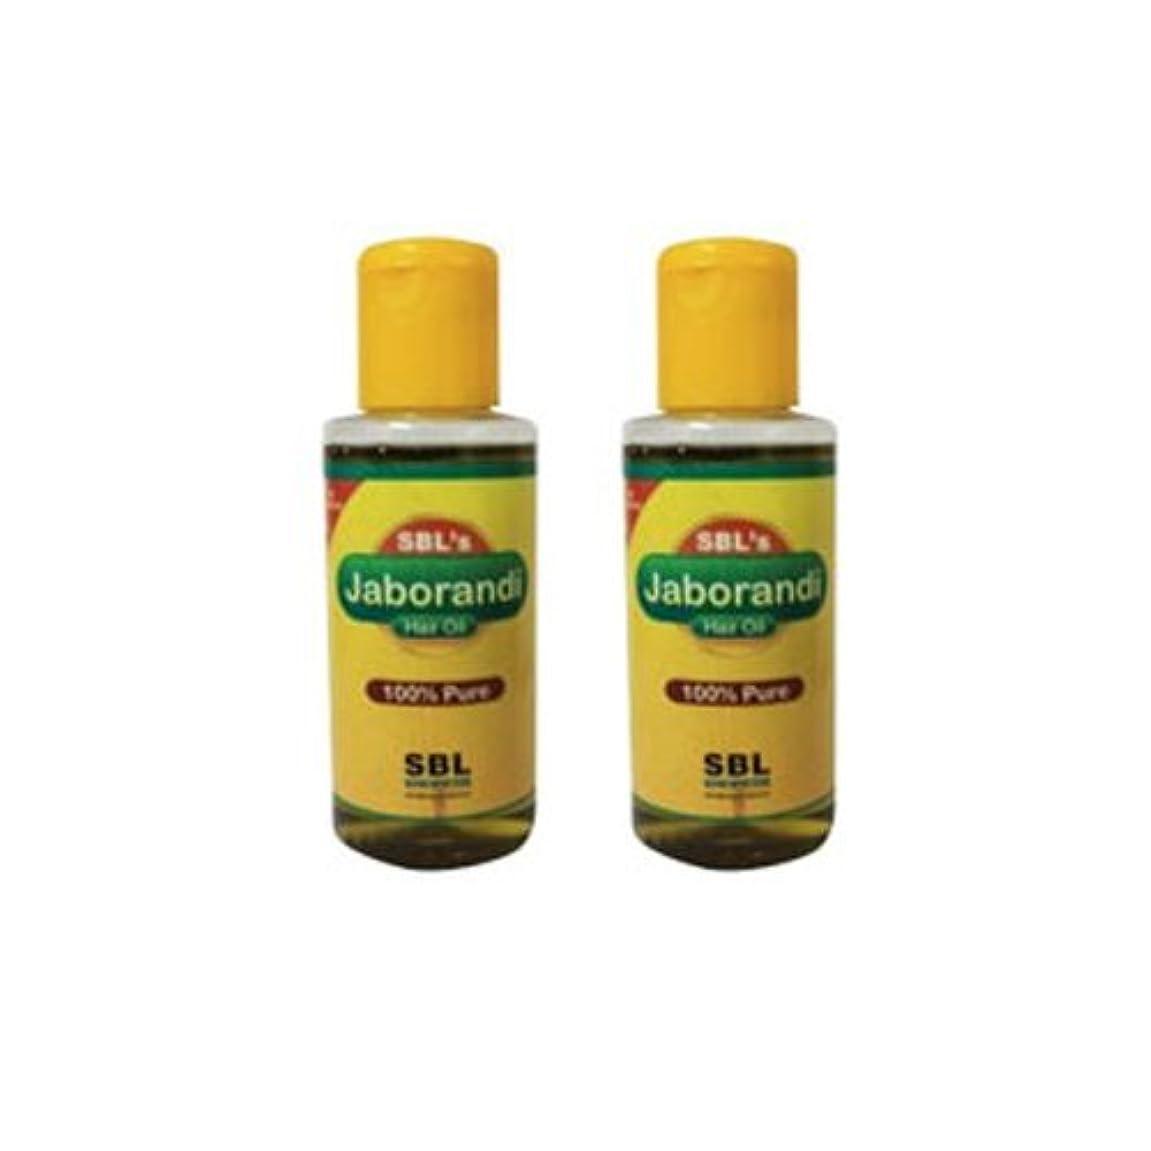 検査圧縮する名誉ある2 x Jaborandi Hair Oil. Shipping Only By - USPS / FedEX by SBL